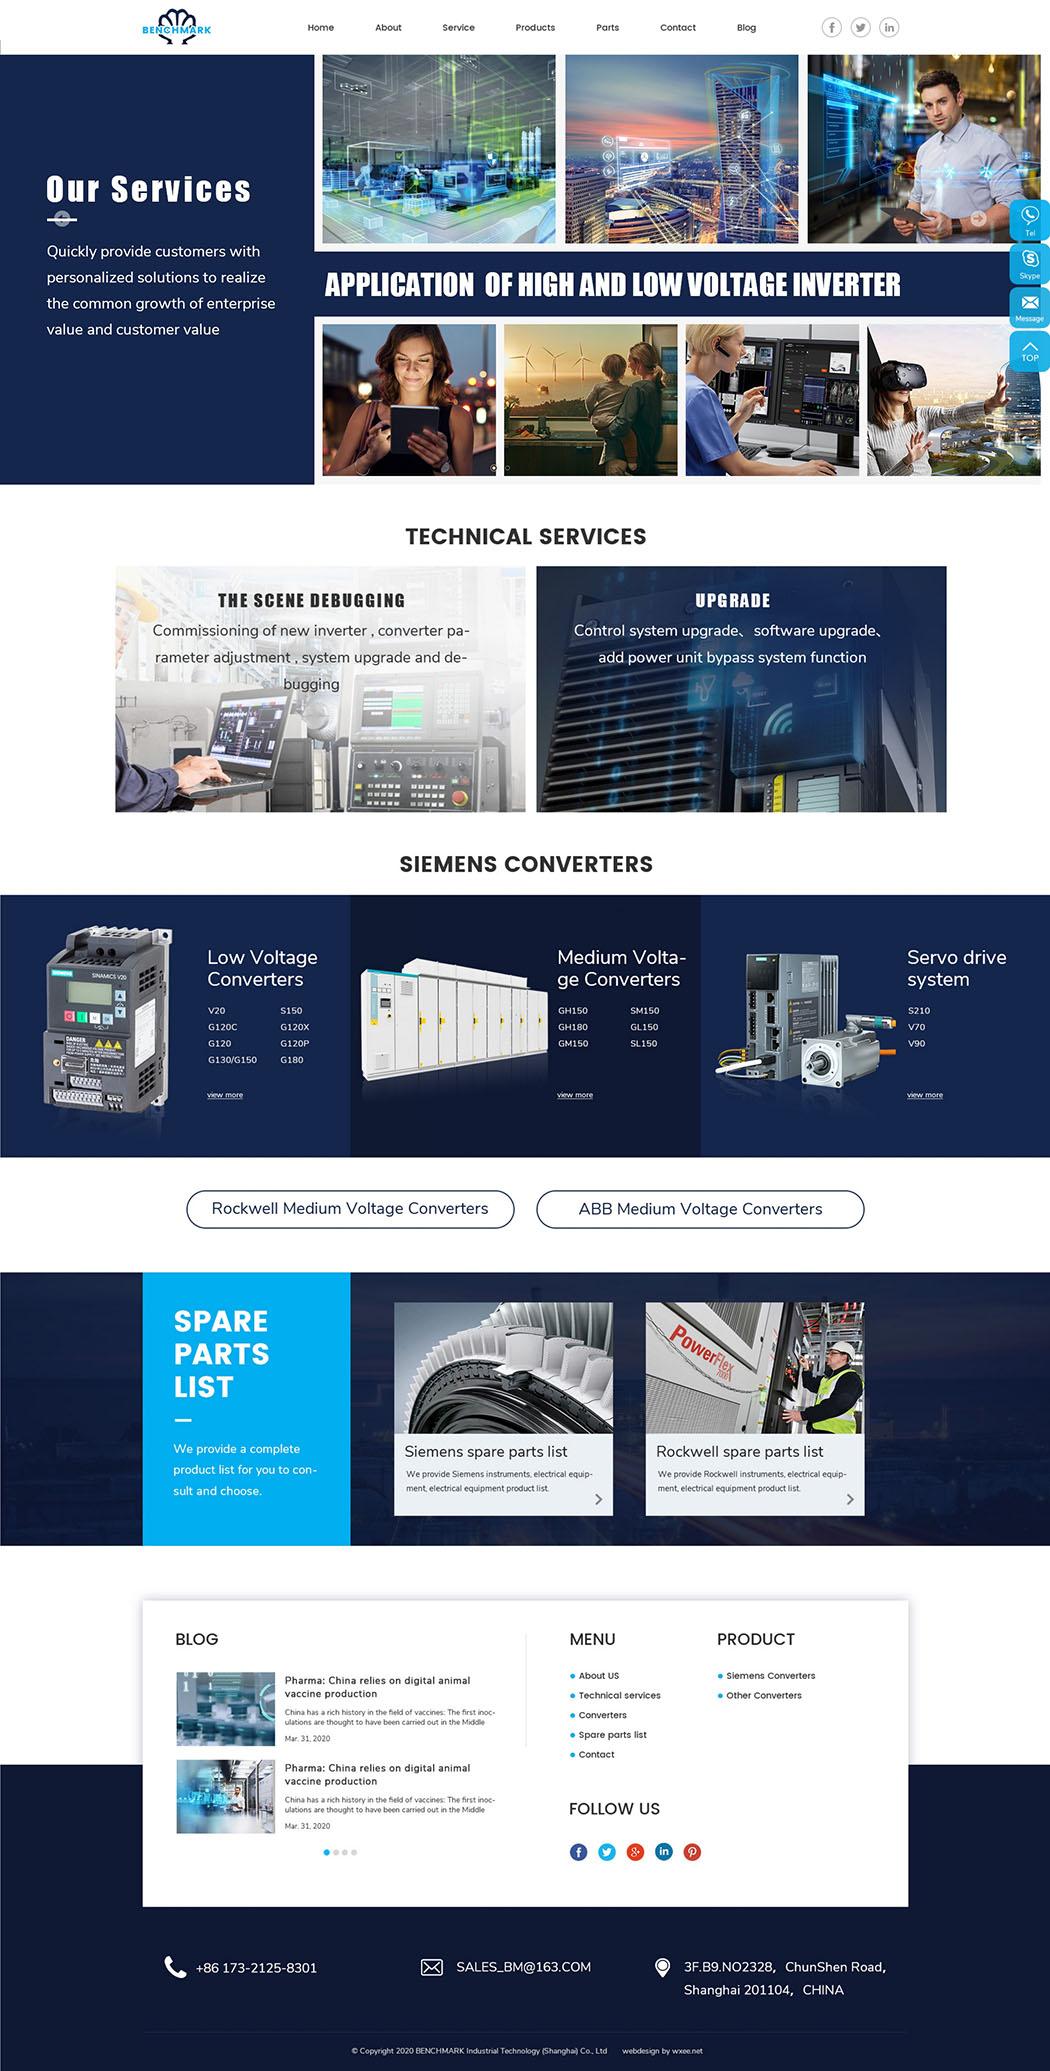 上海贝取外贸网站设计效果图